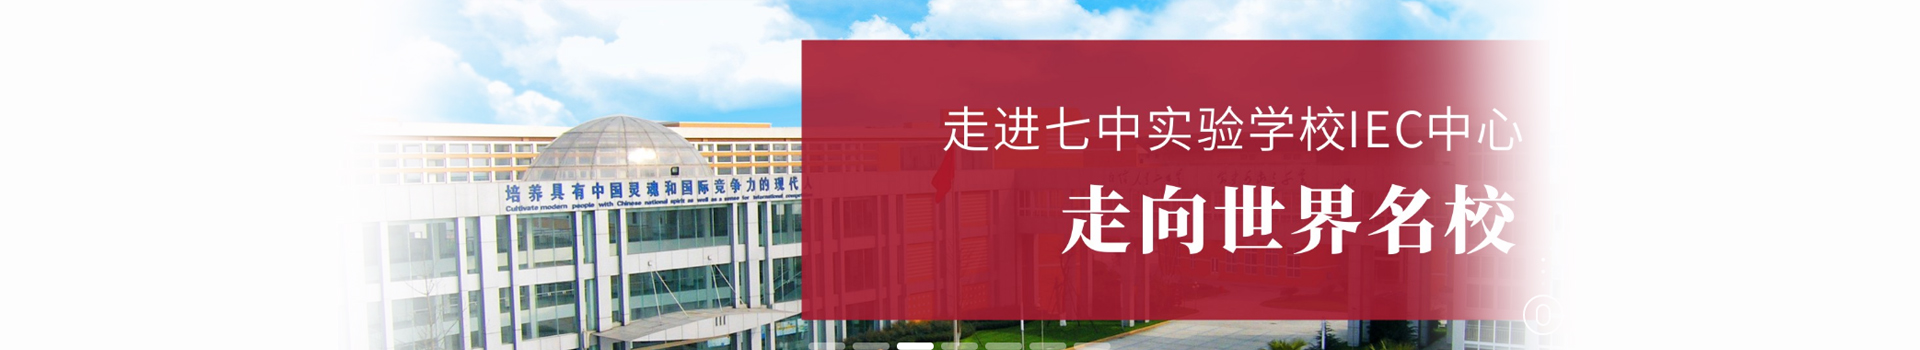 成都七中实验学校IEC国际教育中心